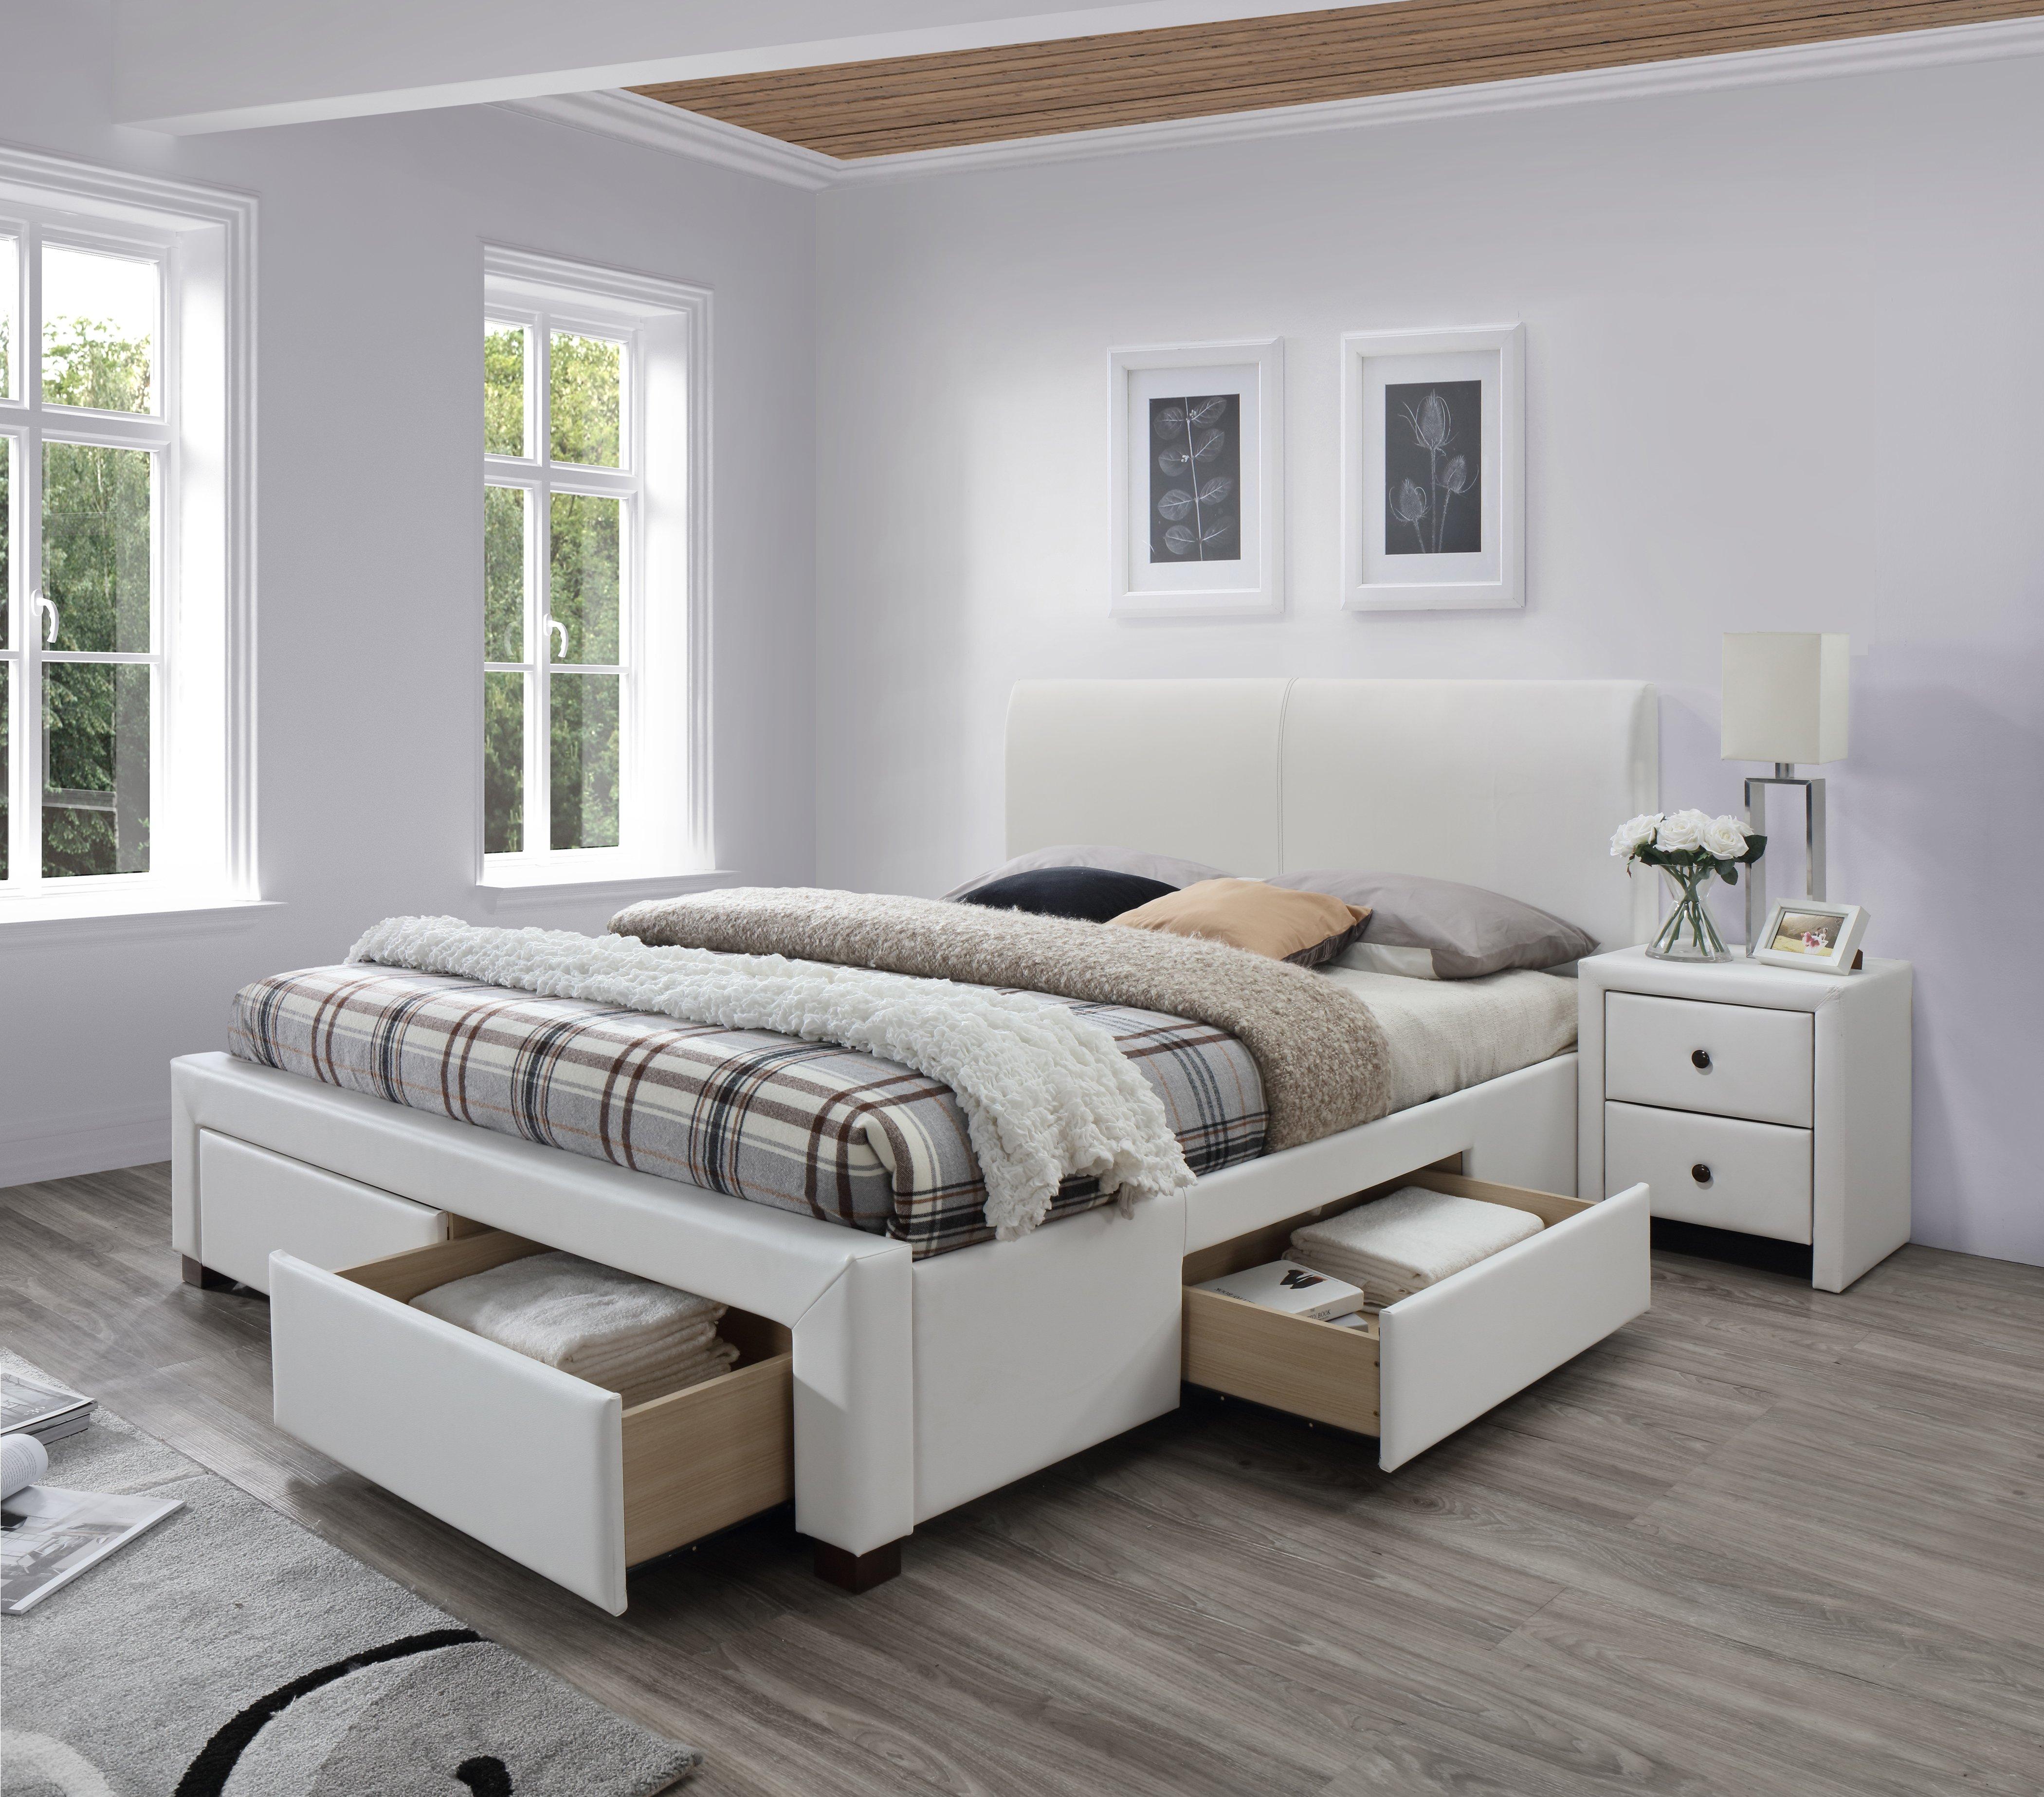 Biela spálňa s manželskou posteľou so zásuvkami